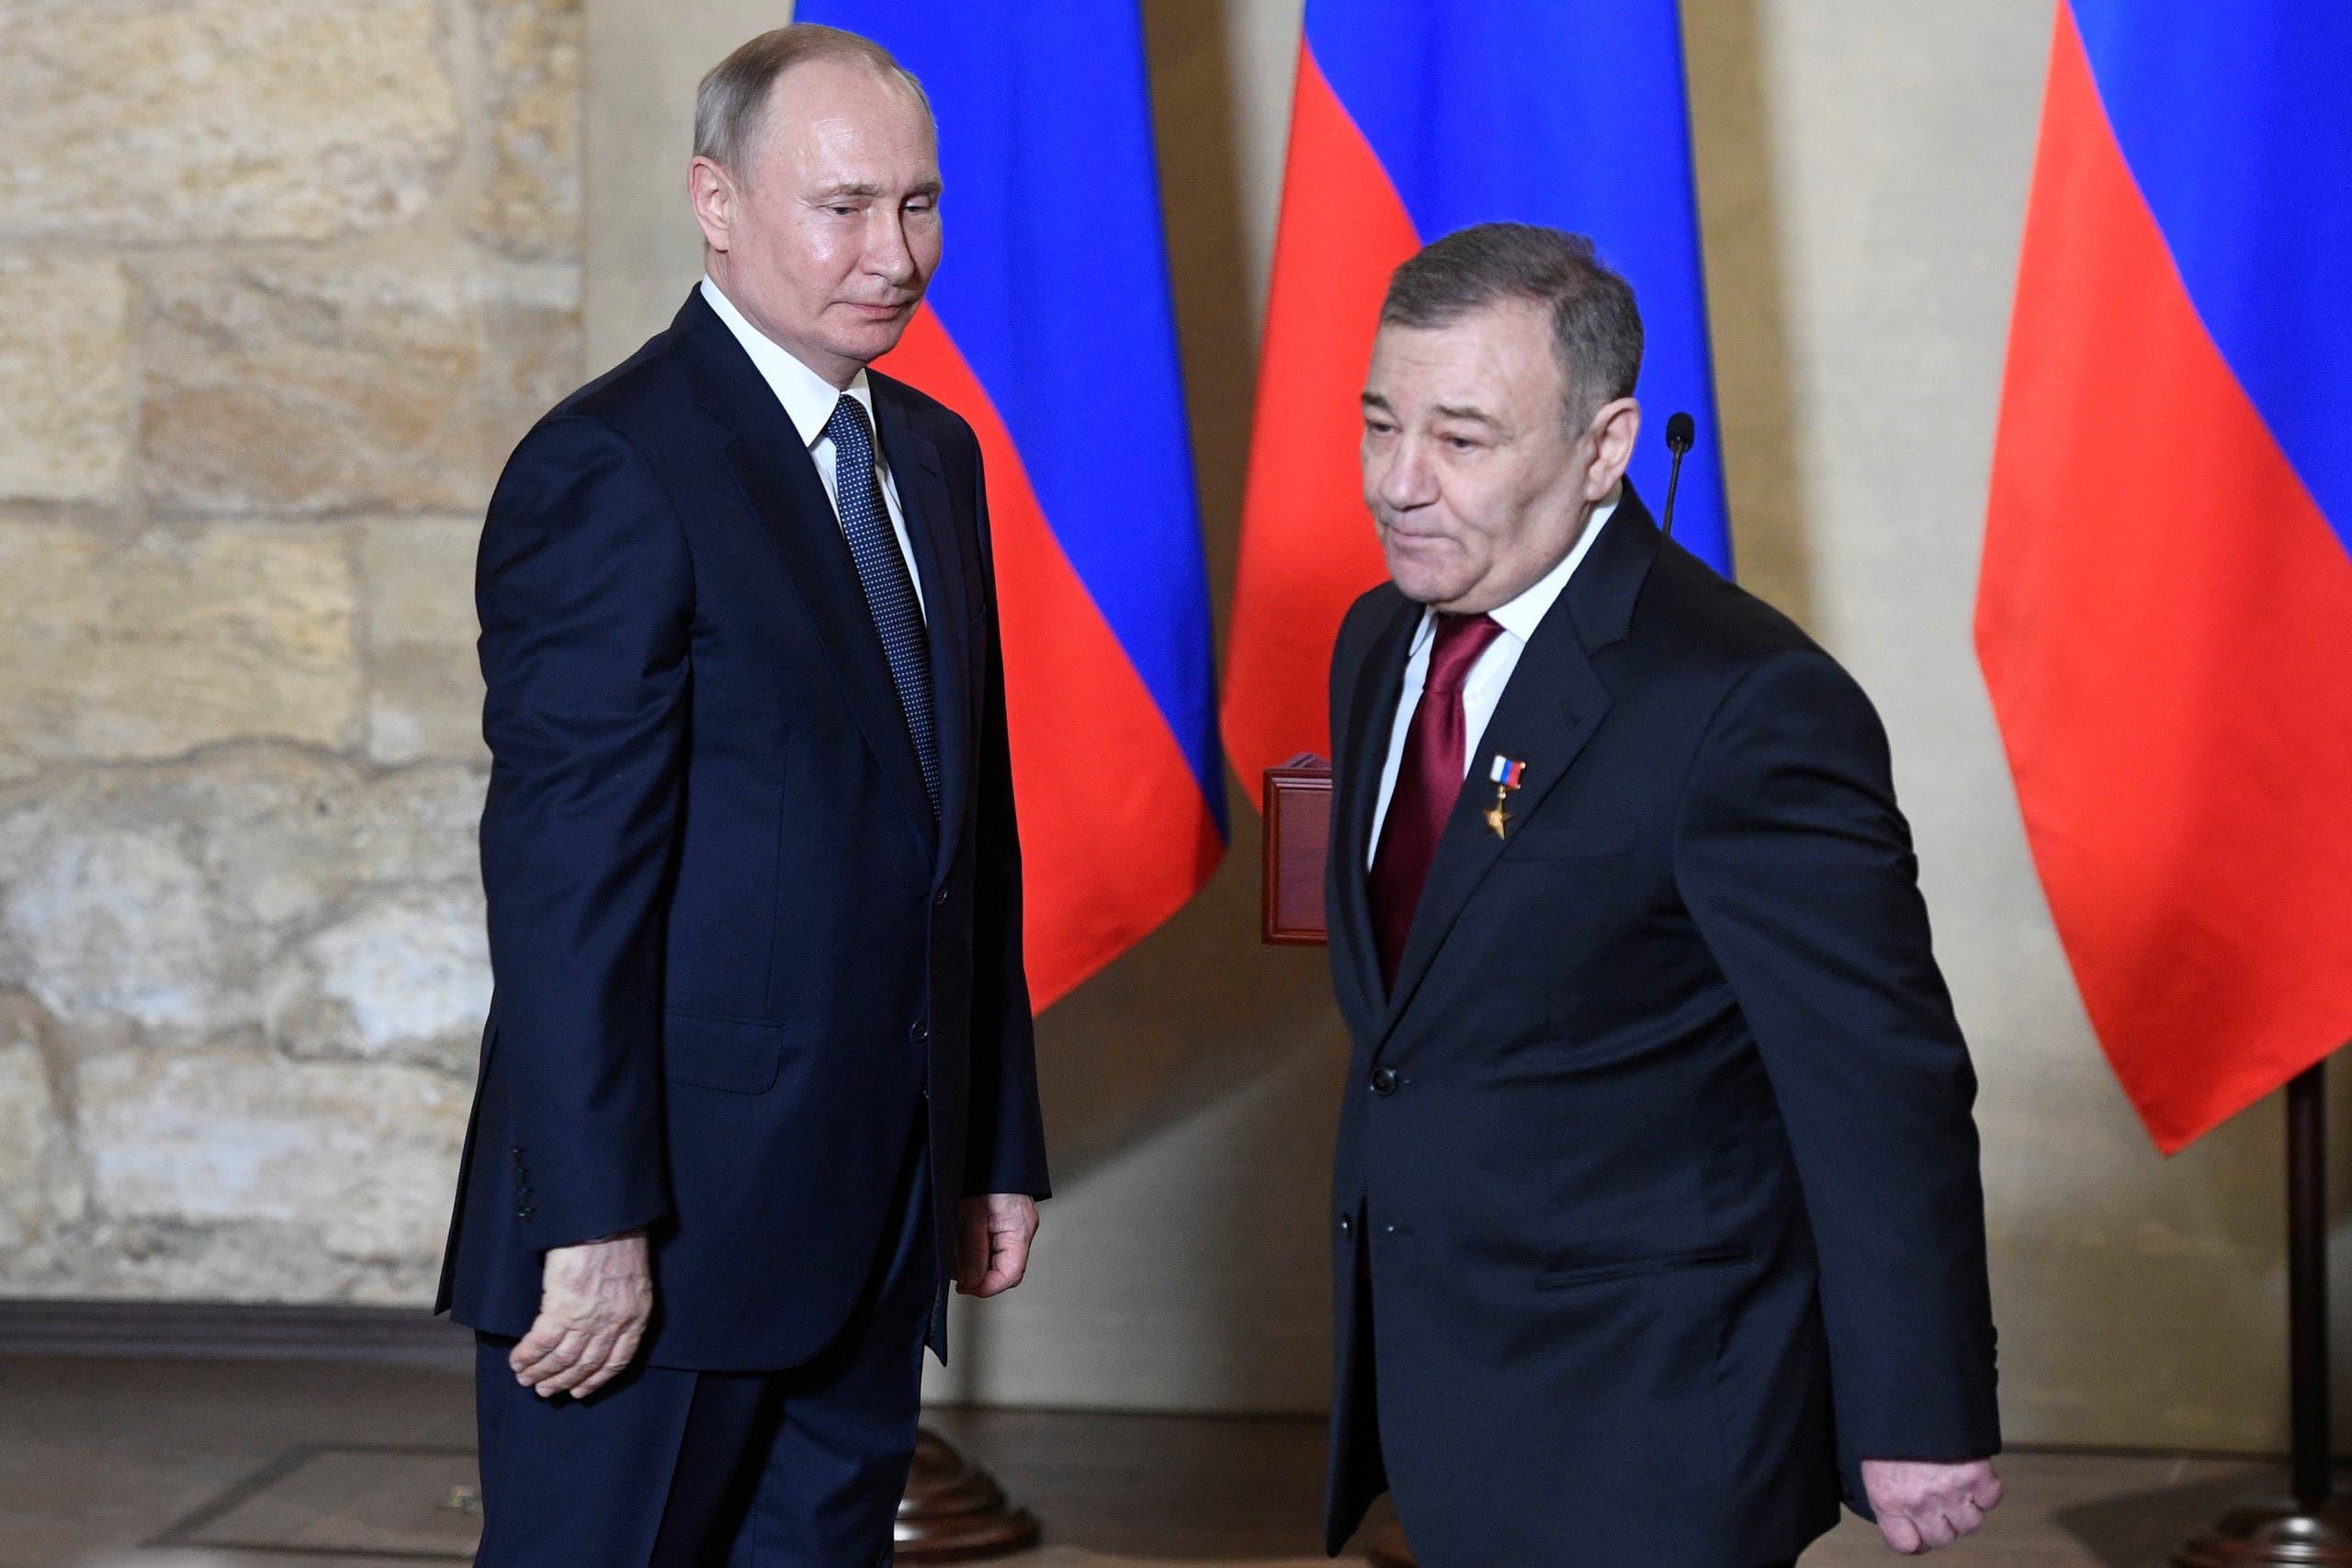 روتنبرغ مع بوتين خلال مناسبة قي القرم في مارس 2020